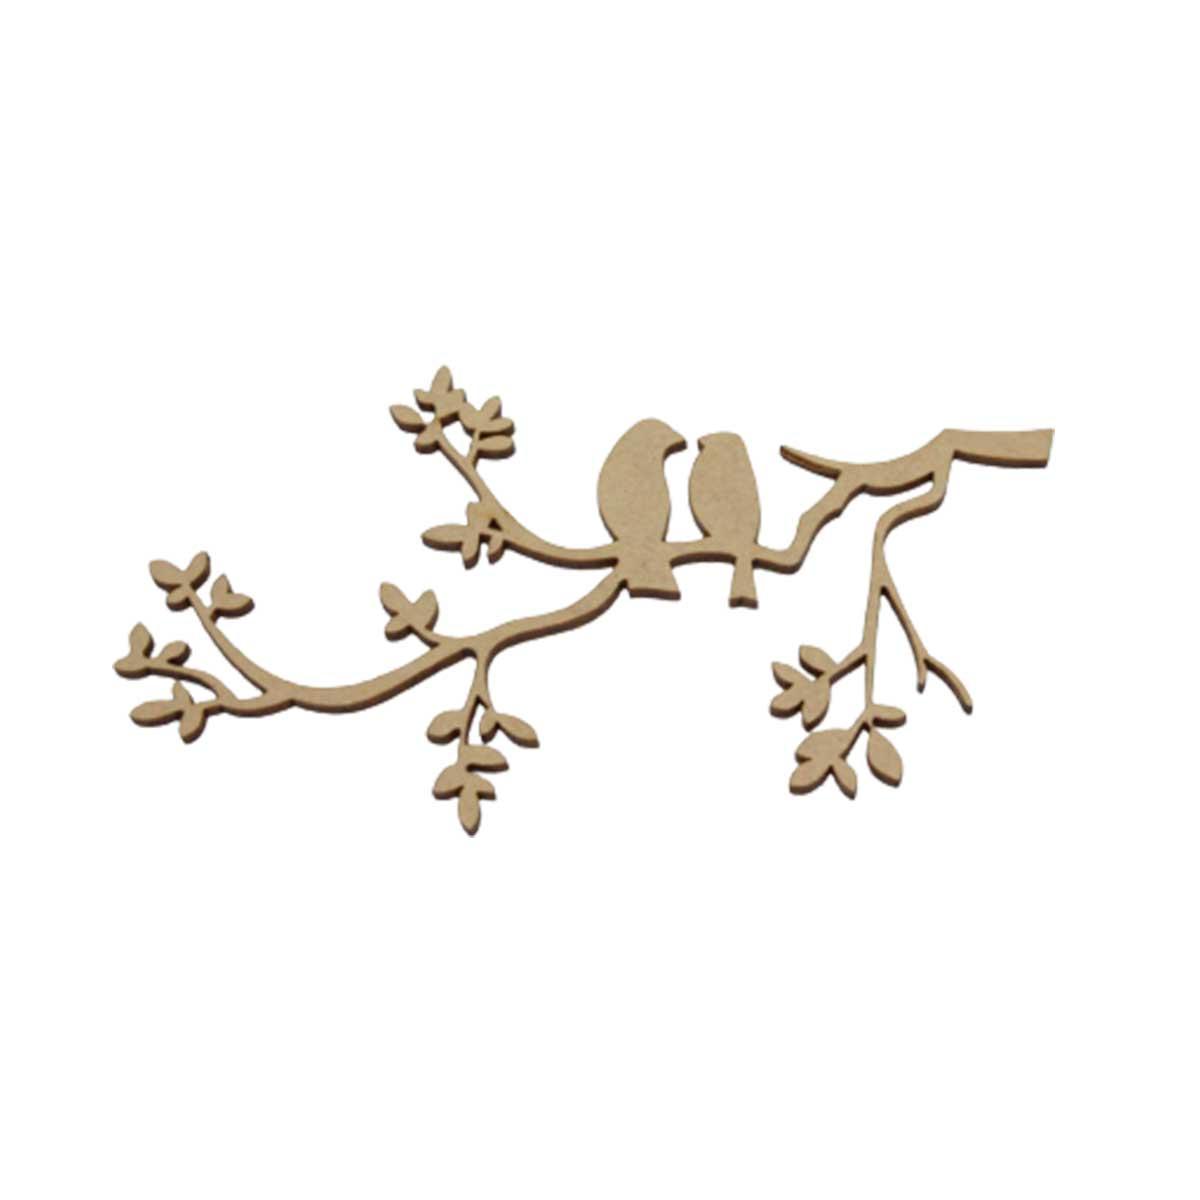 Aplique em MDF - Casal de Pássaros no Galho